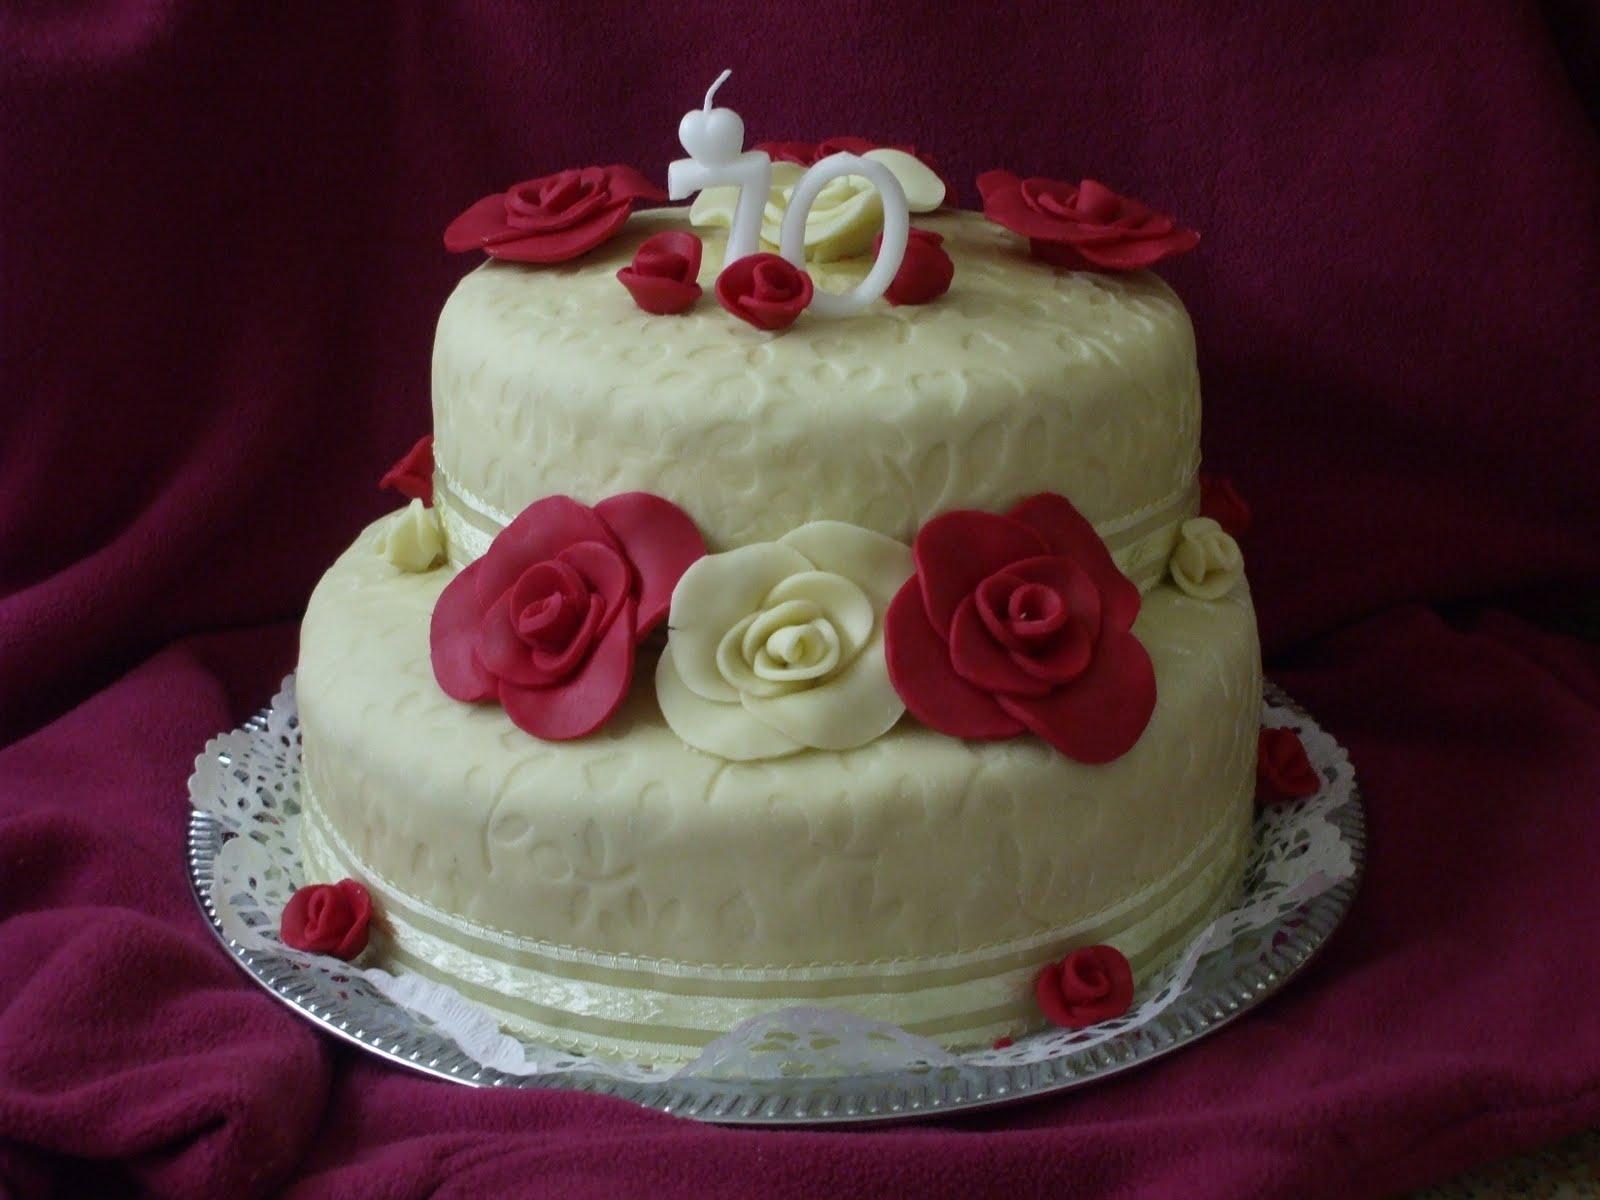 emeletes születésnapi torták Íny csiklandozó: Emeletes torta emeletes születésnapi torták